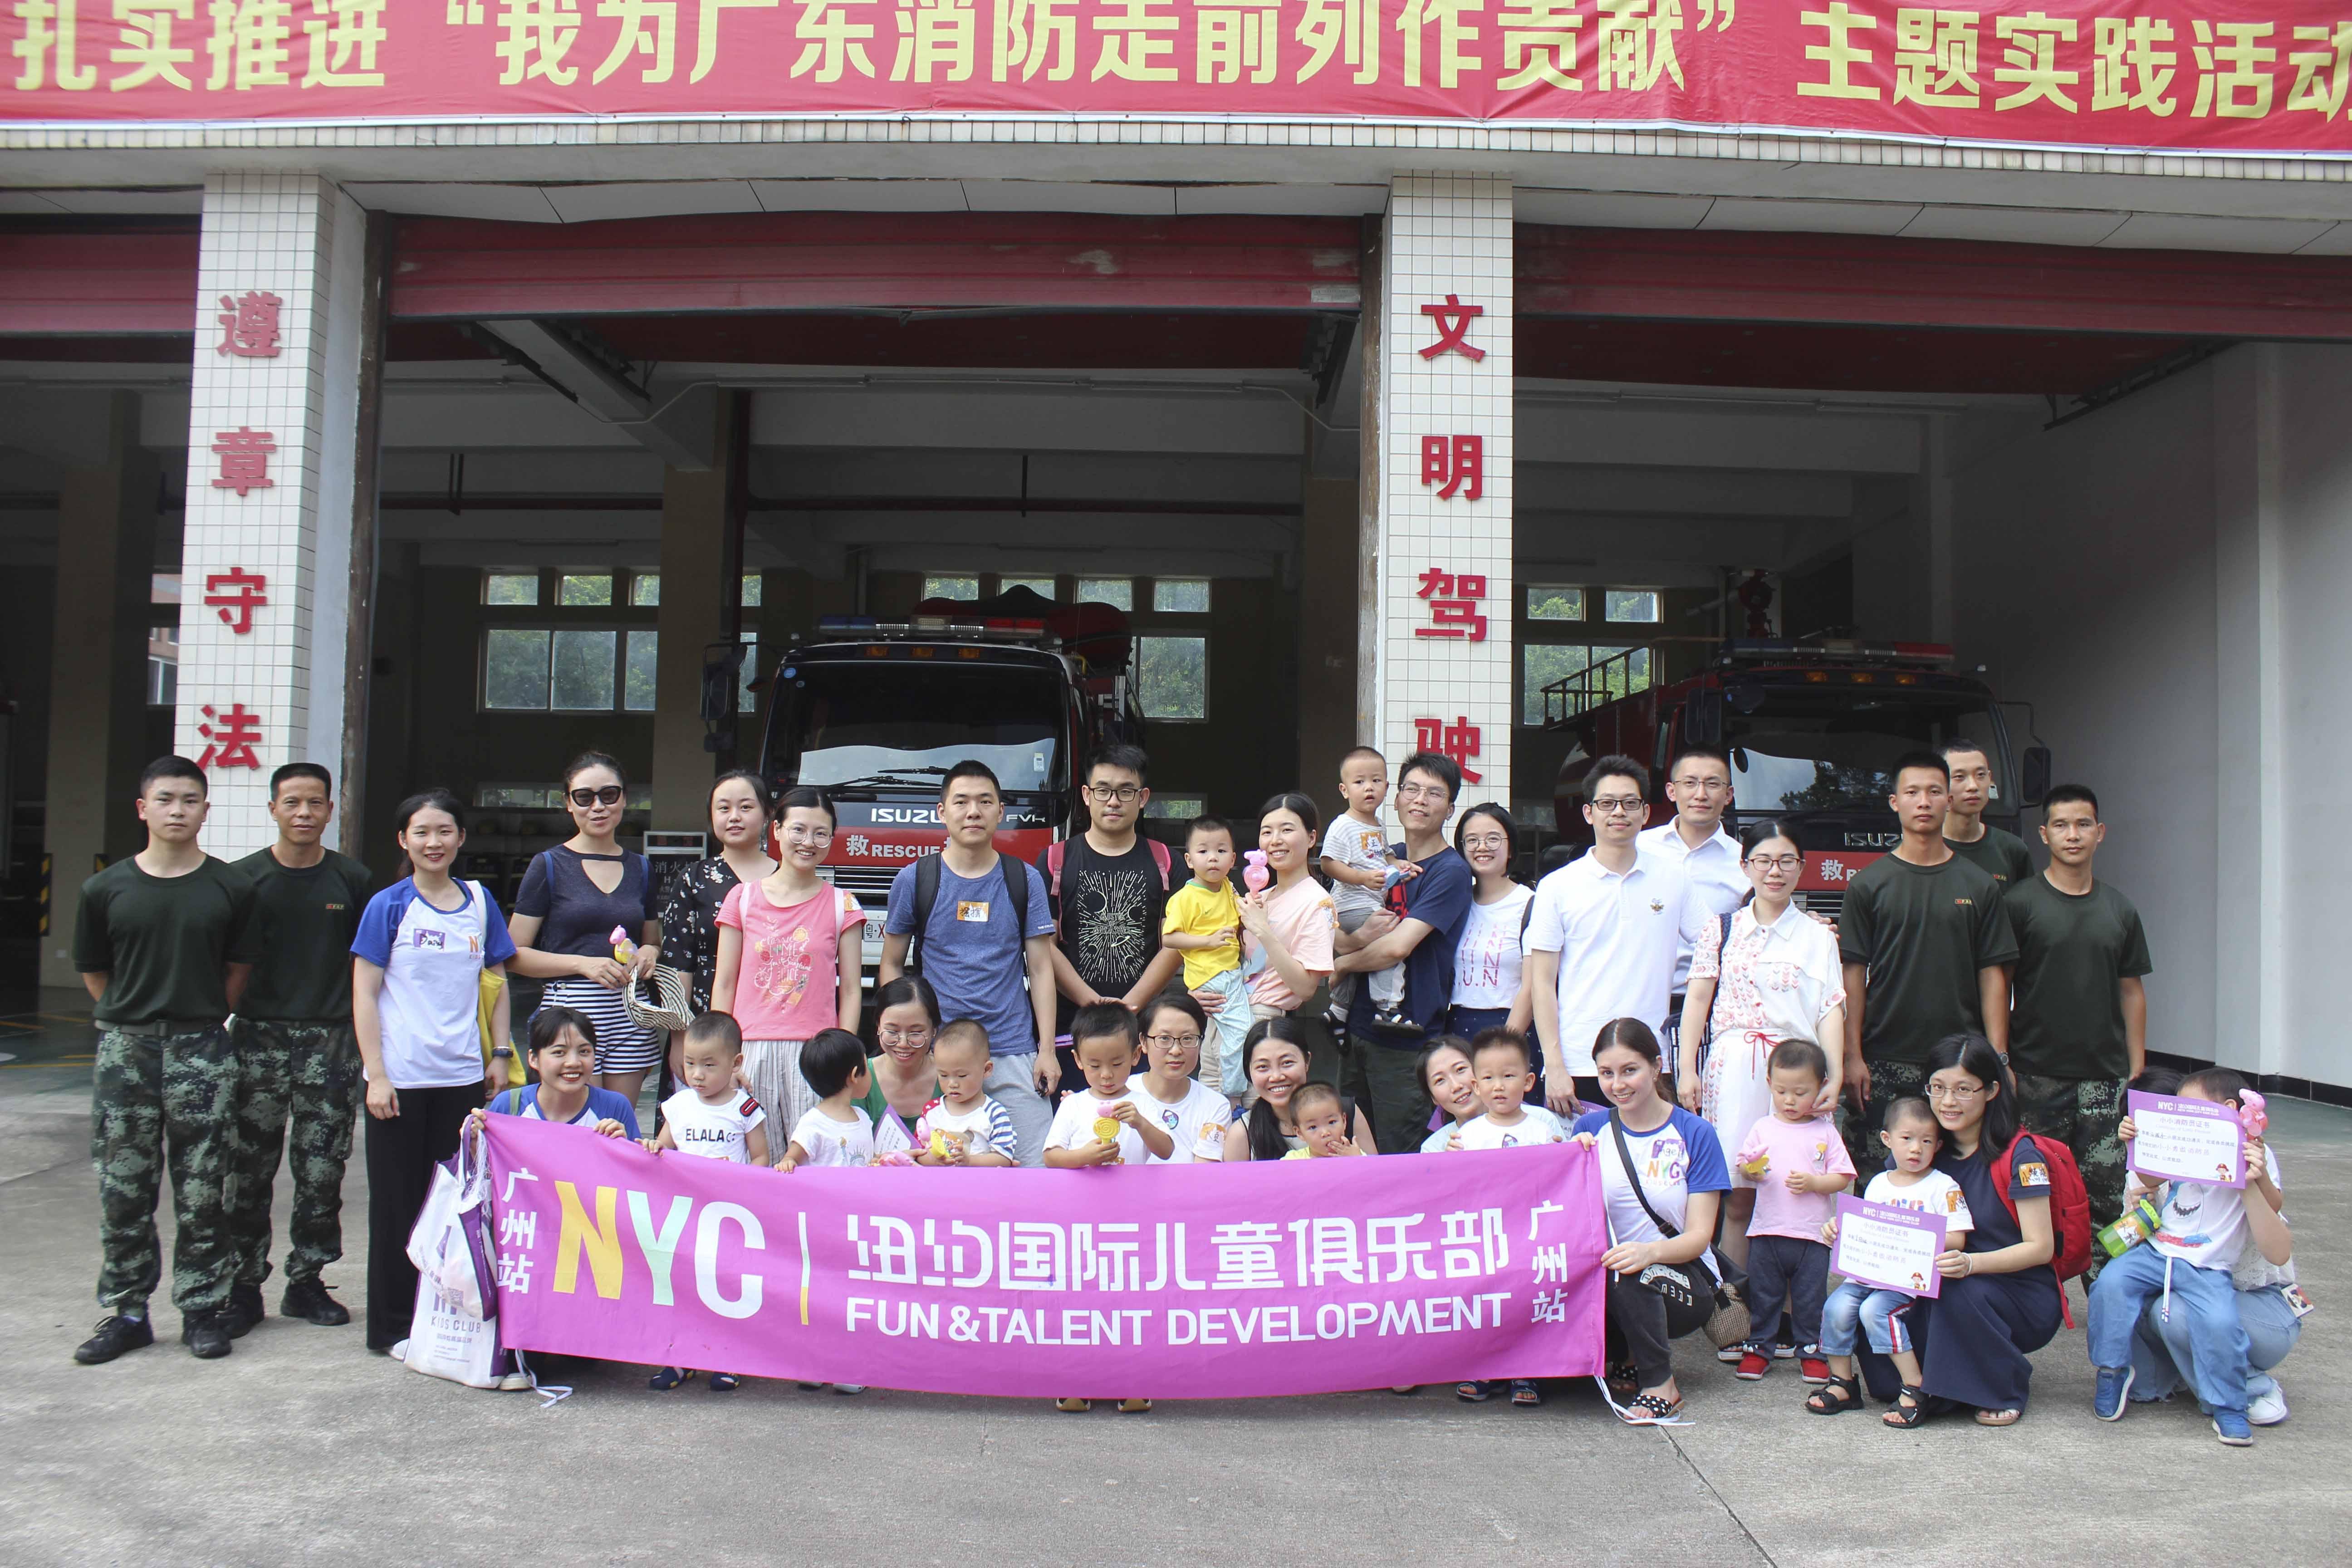 NYC纽约国际广州番禺早教中心:NYC小小消防员活动回顾